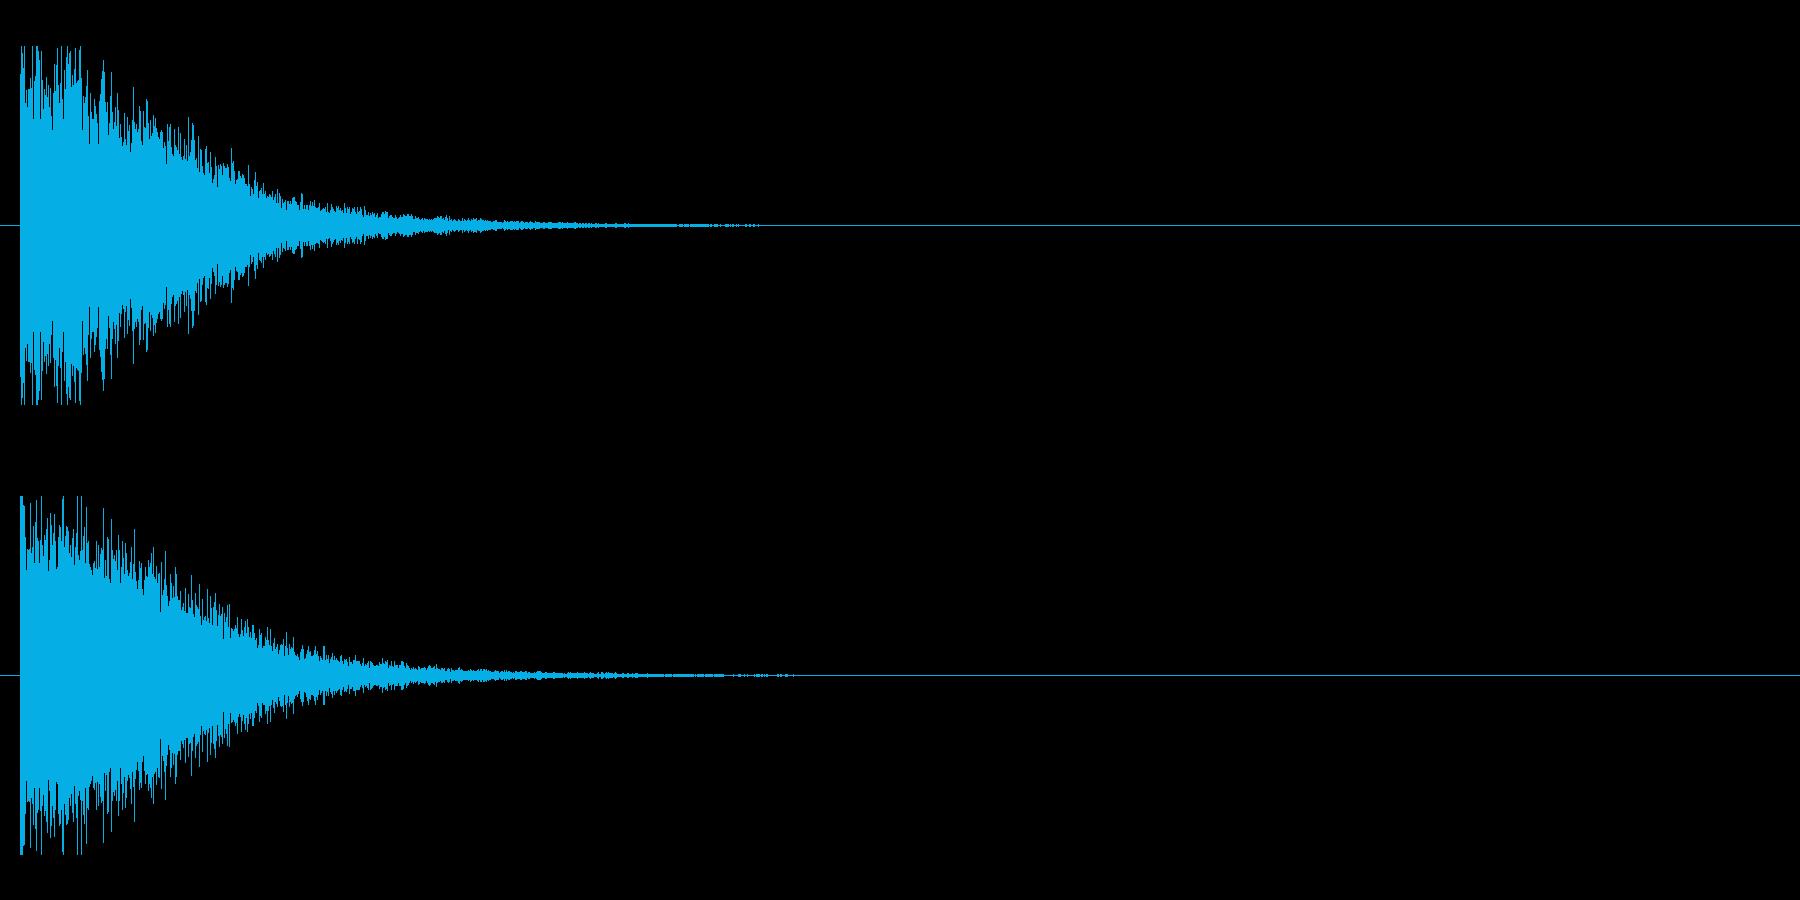 レーザー音-147-1の再生済みの波形